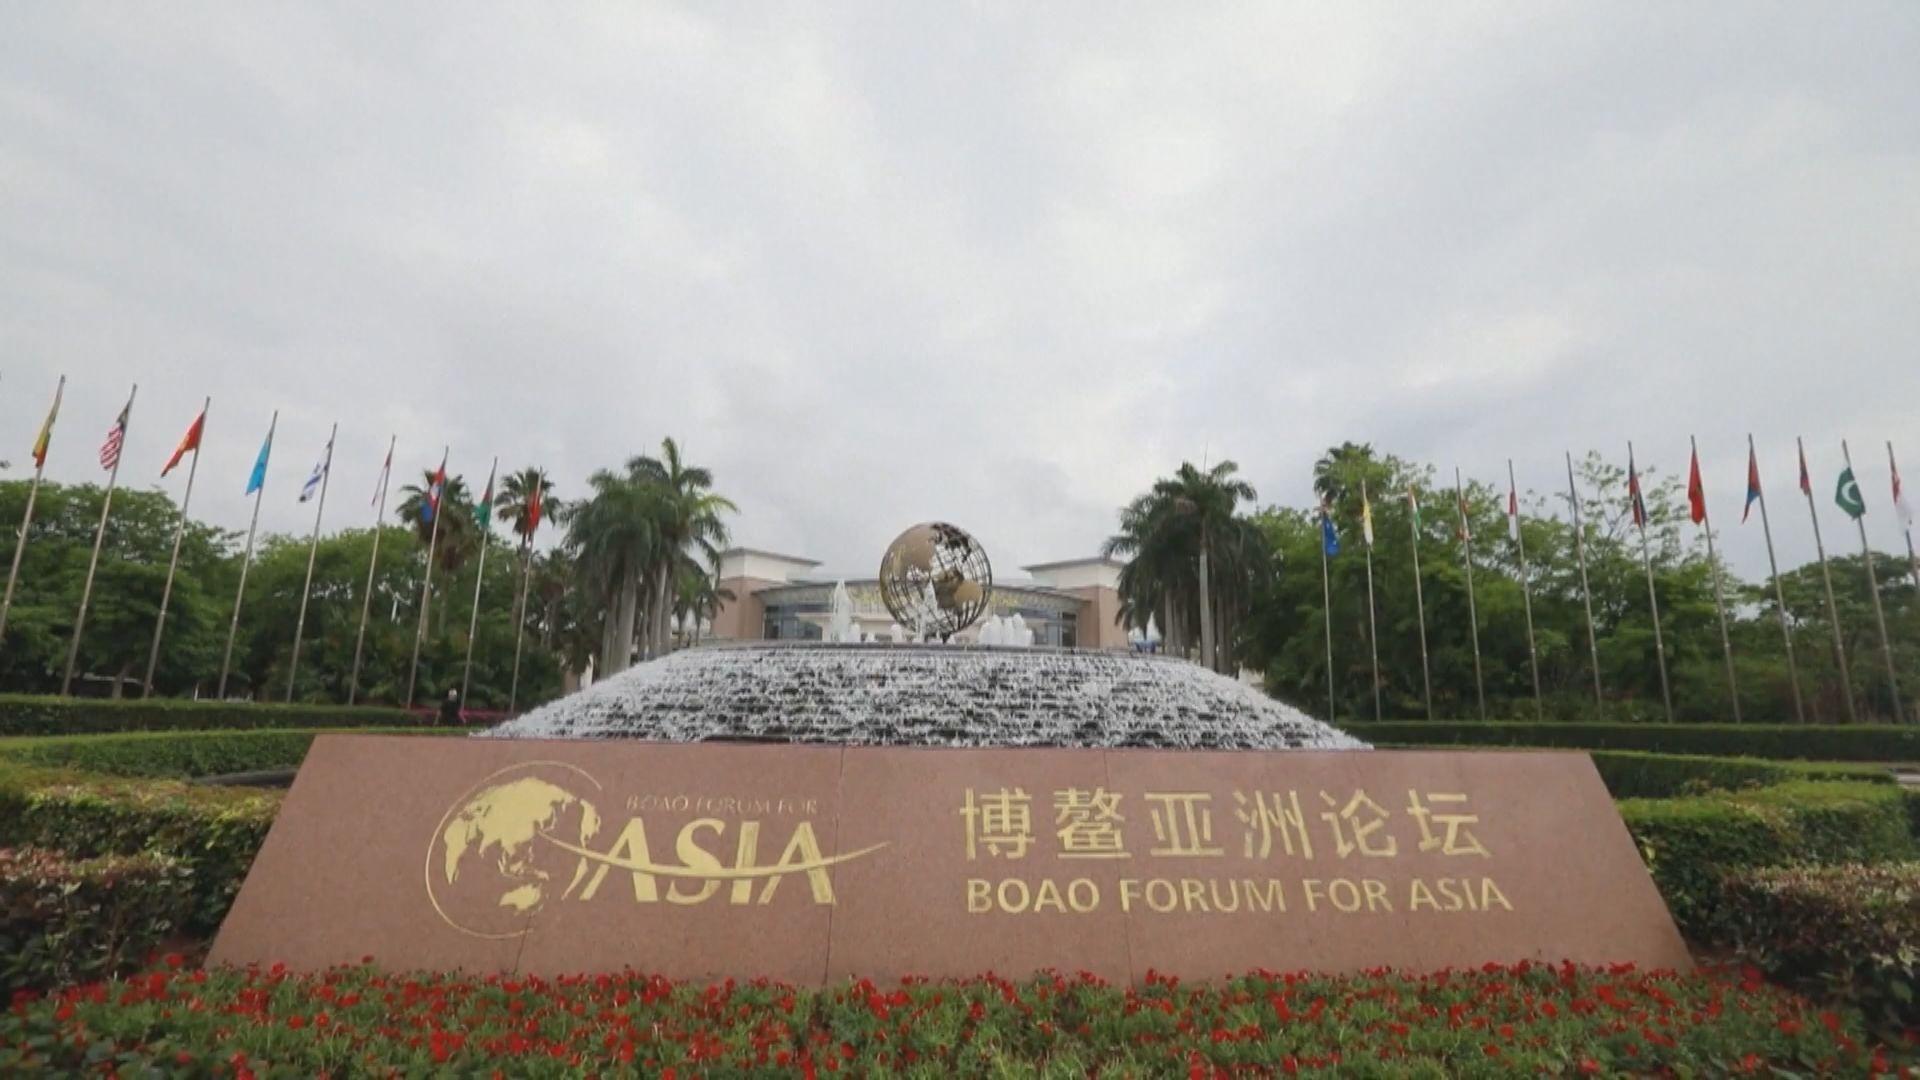 博鰲亞洲論壇舉行 報告預計亞洲經濟增長達6.5%